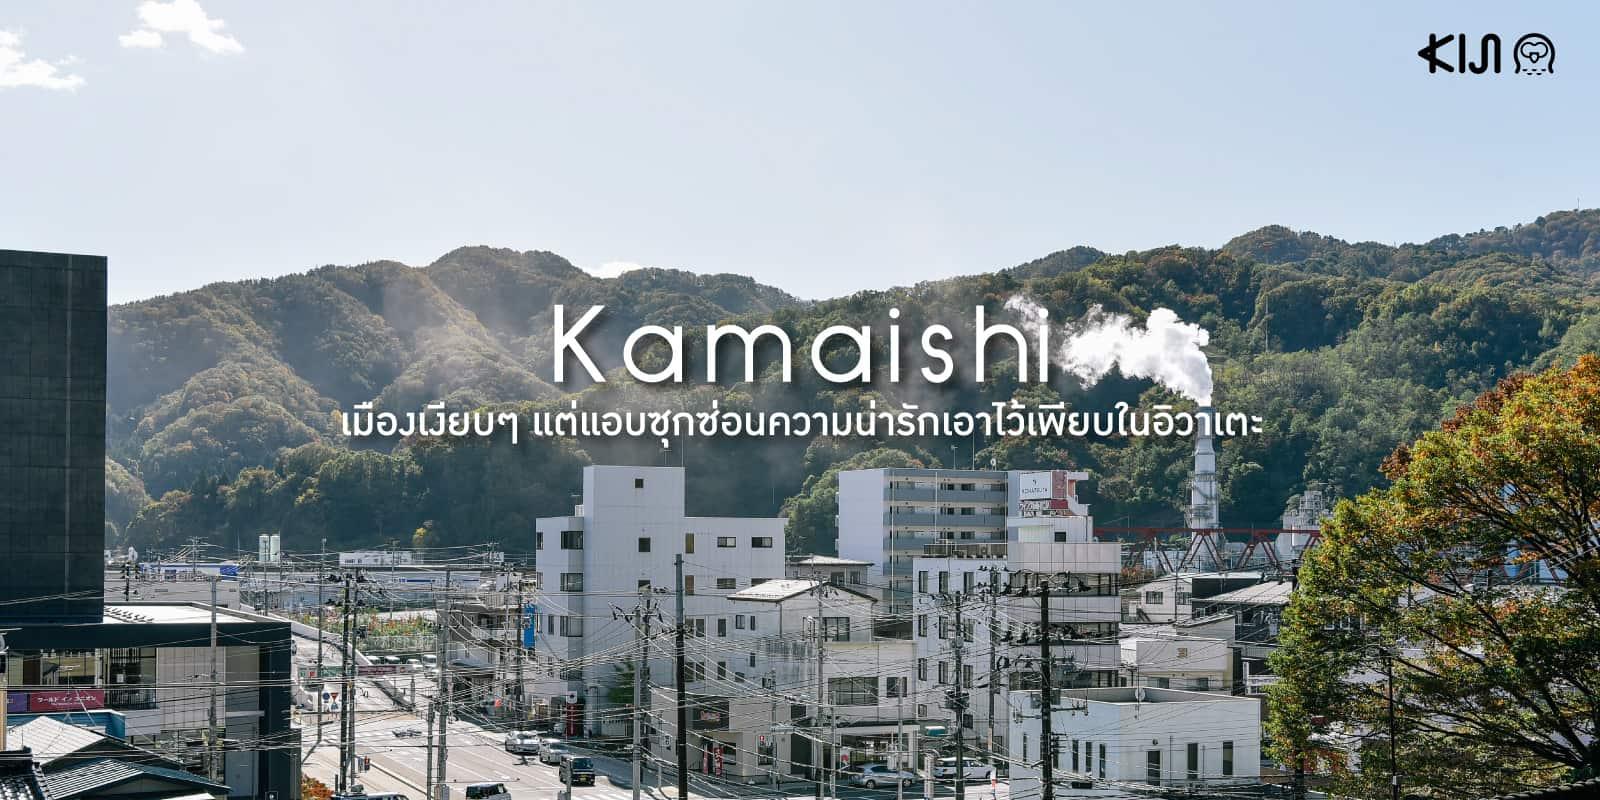 คู่มือท่องเที่ยวเมืองคามาอิชิ (Kamaishi) จ.อิวาเตะ (Iwate)